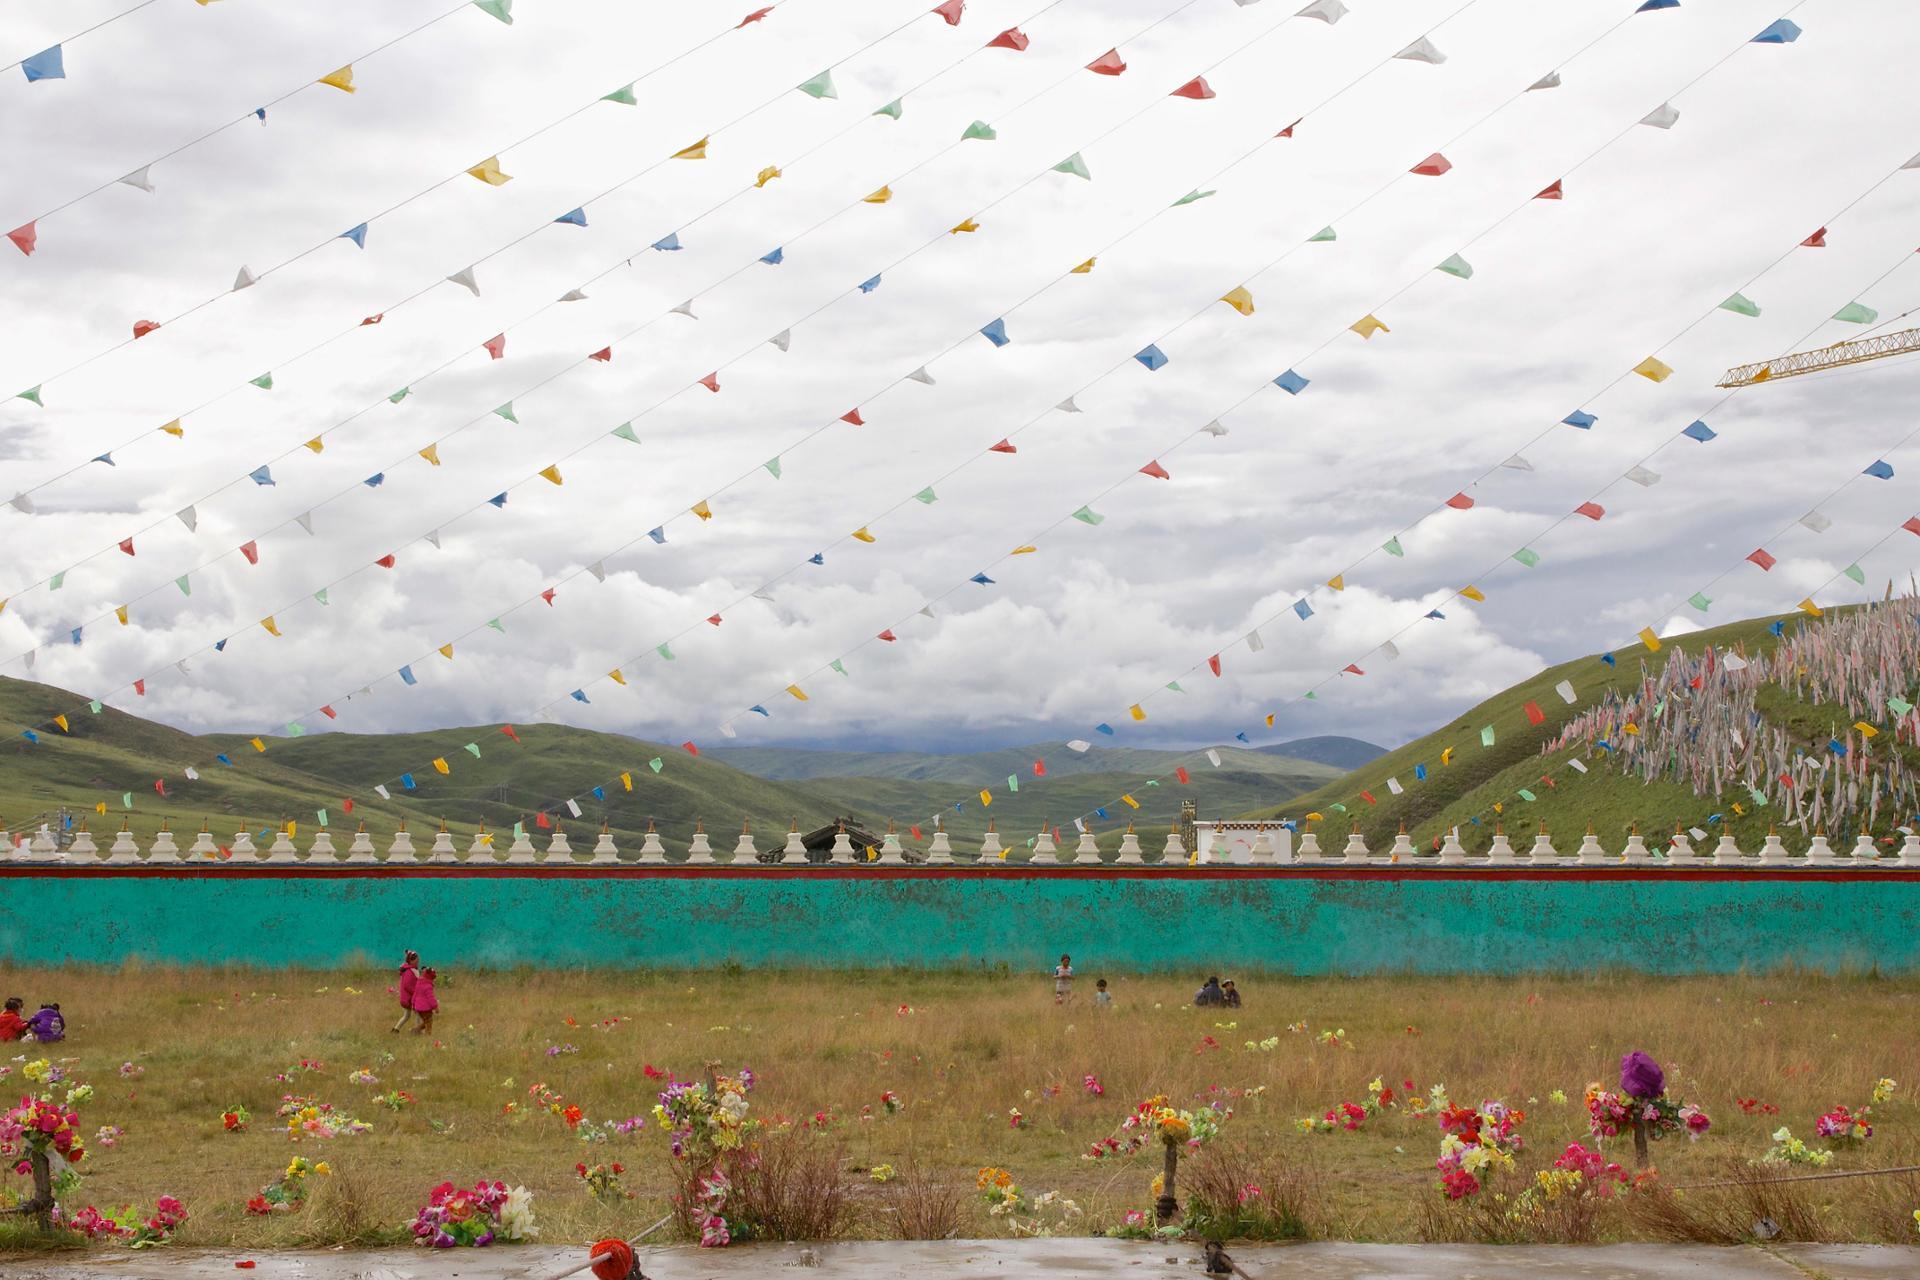 Des fleurs et des drapeaux